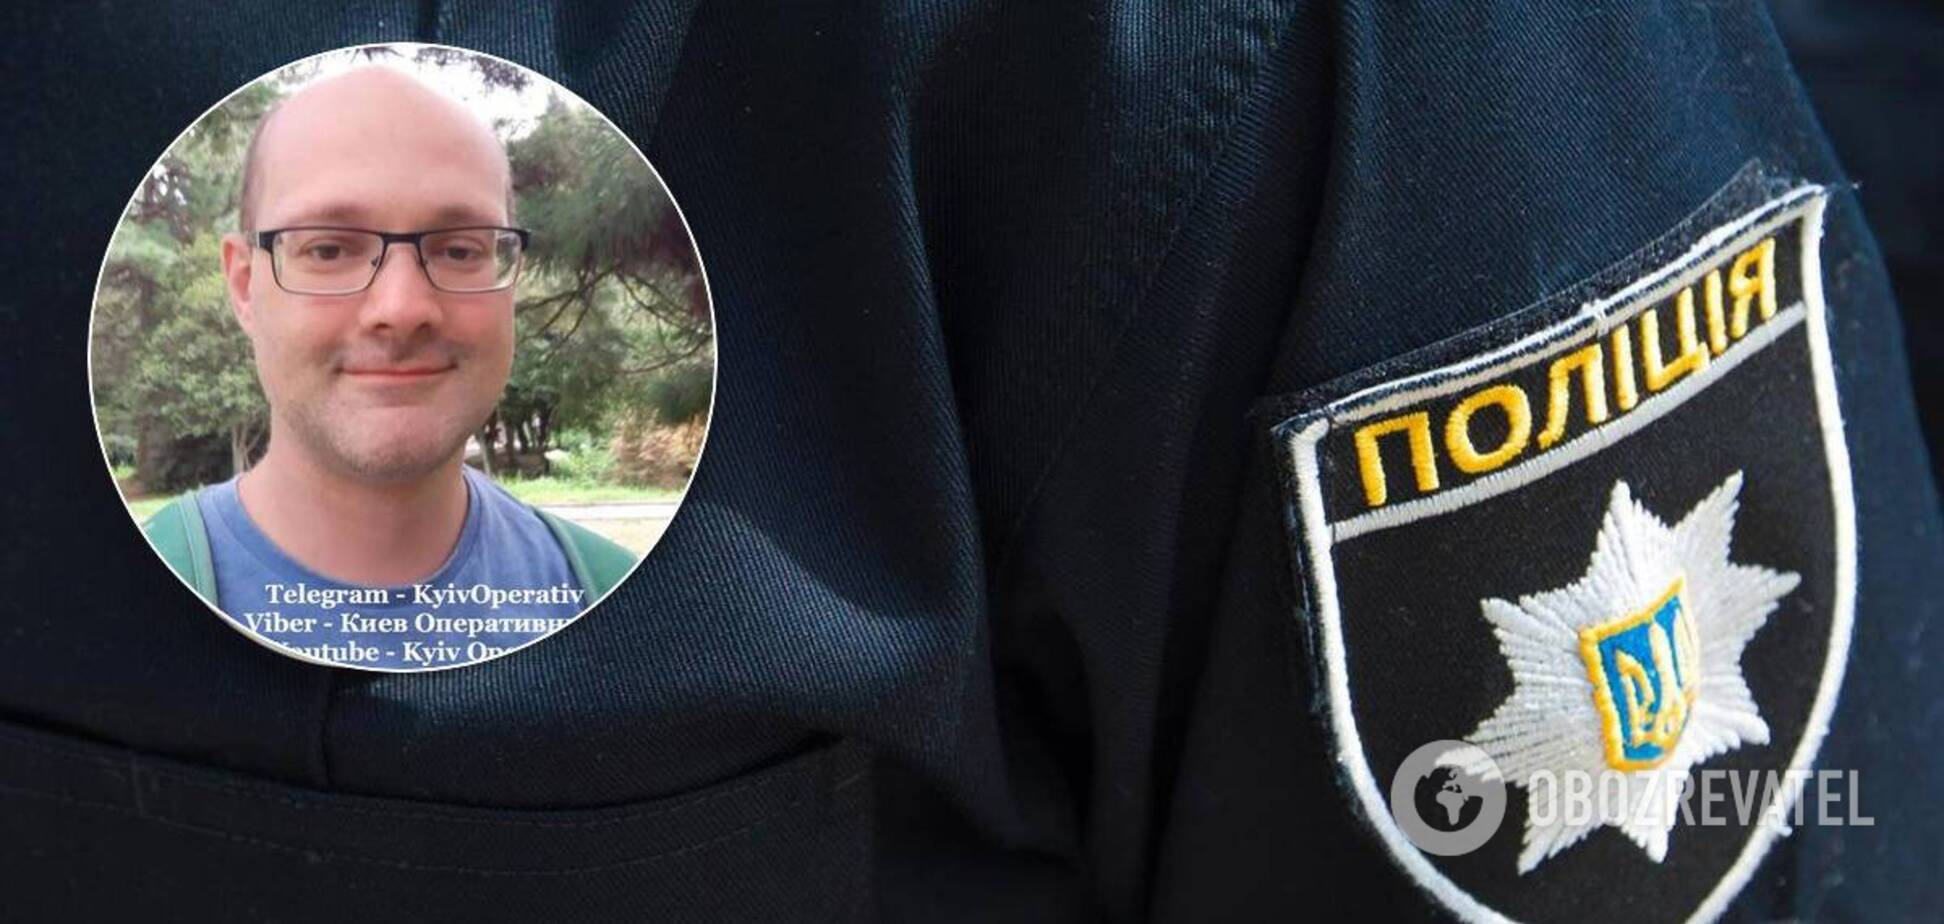 У Києві знайшли мертвим зниклого волонтера Кучапіна